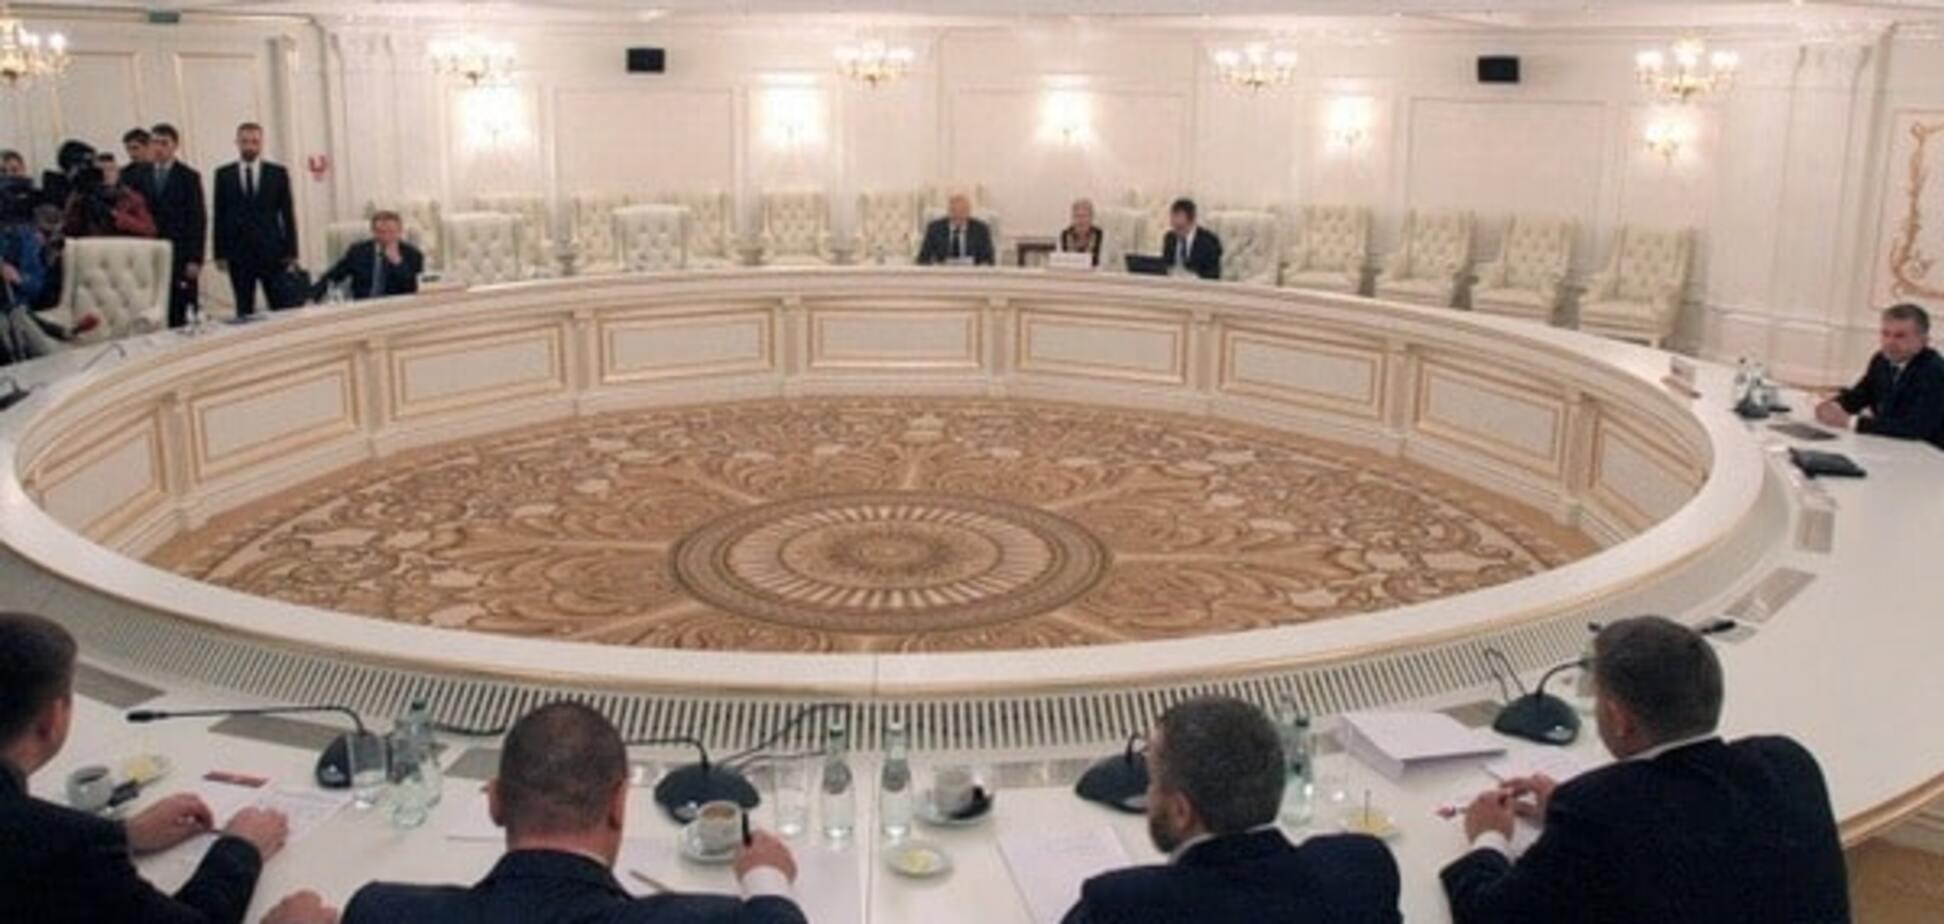 ОБСЕ обнародовала текст решения Трехсторонней контактной группы о разведении сторон на Донбассе